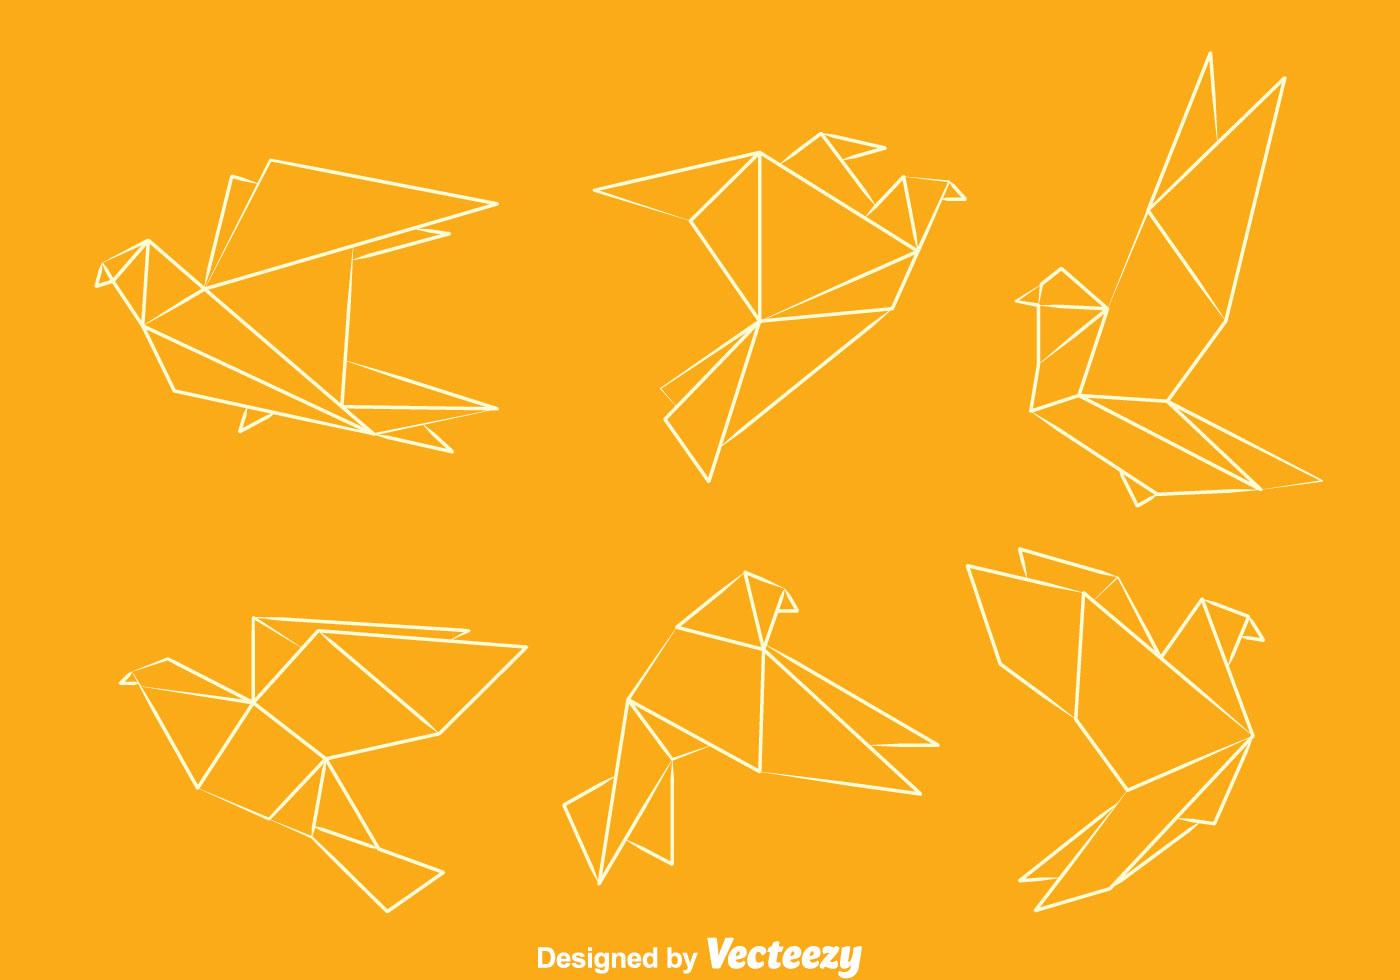 Origami Pigeon Vectors - Download Free Vector Art, Stock ... - photo#35